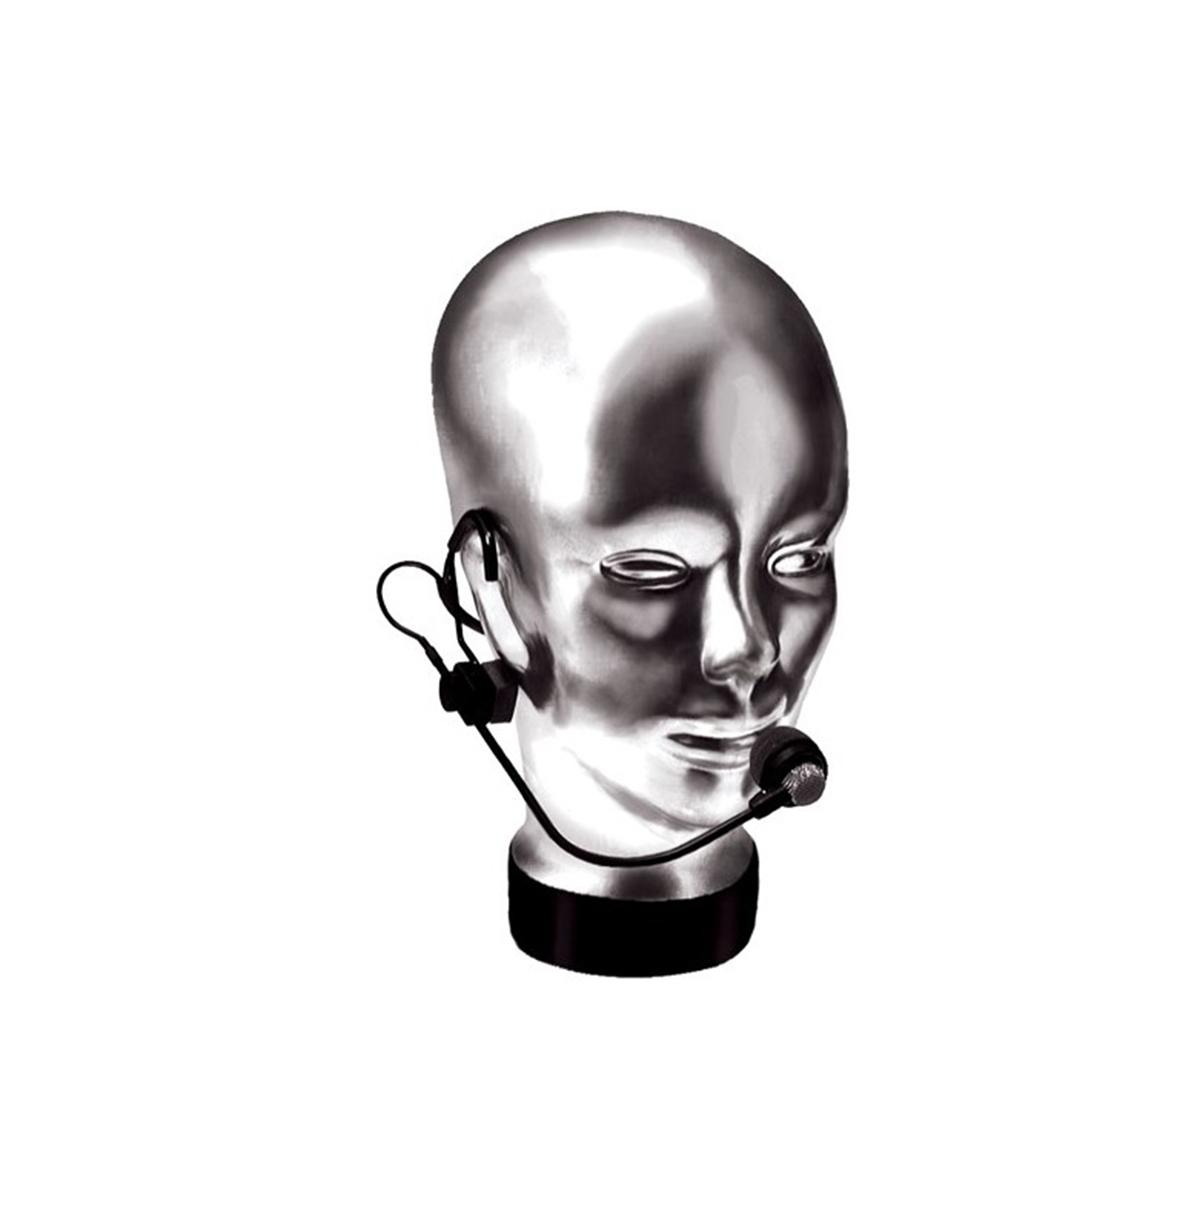 MICROFONE HEADSET AKG CROWN CM311L (AKG WIRELESS)